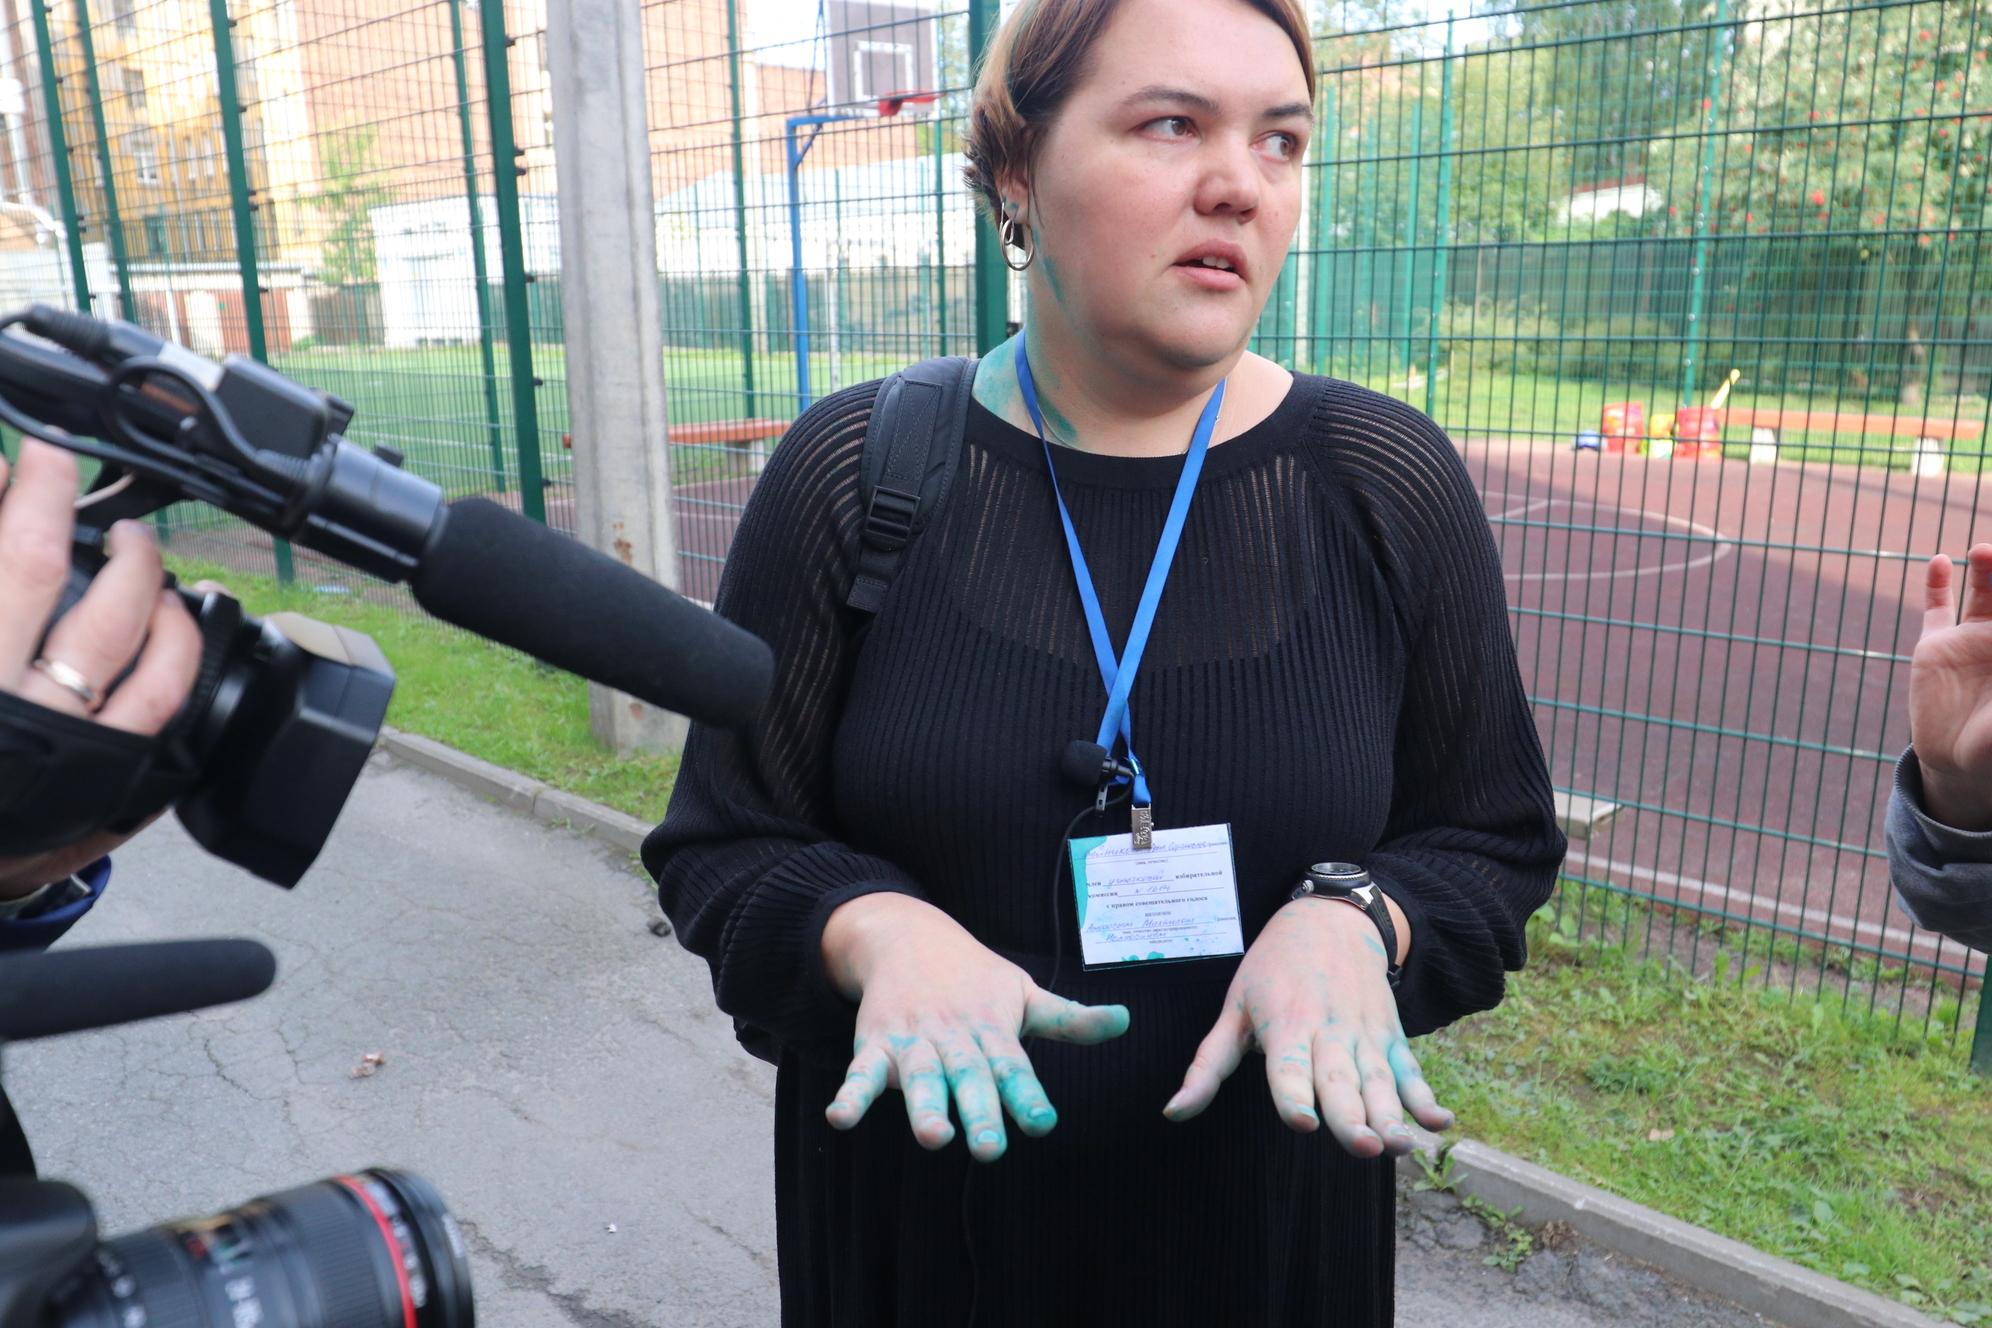 выборы, нарушения, зелёнка, Анна Шлейникова